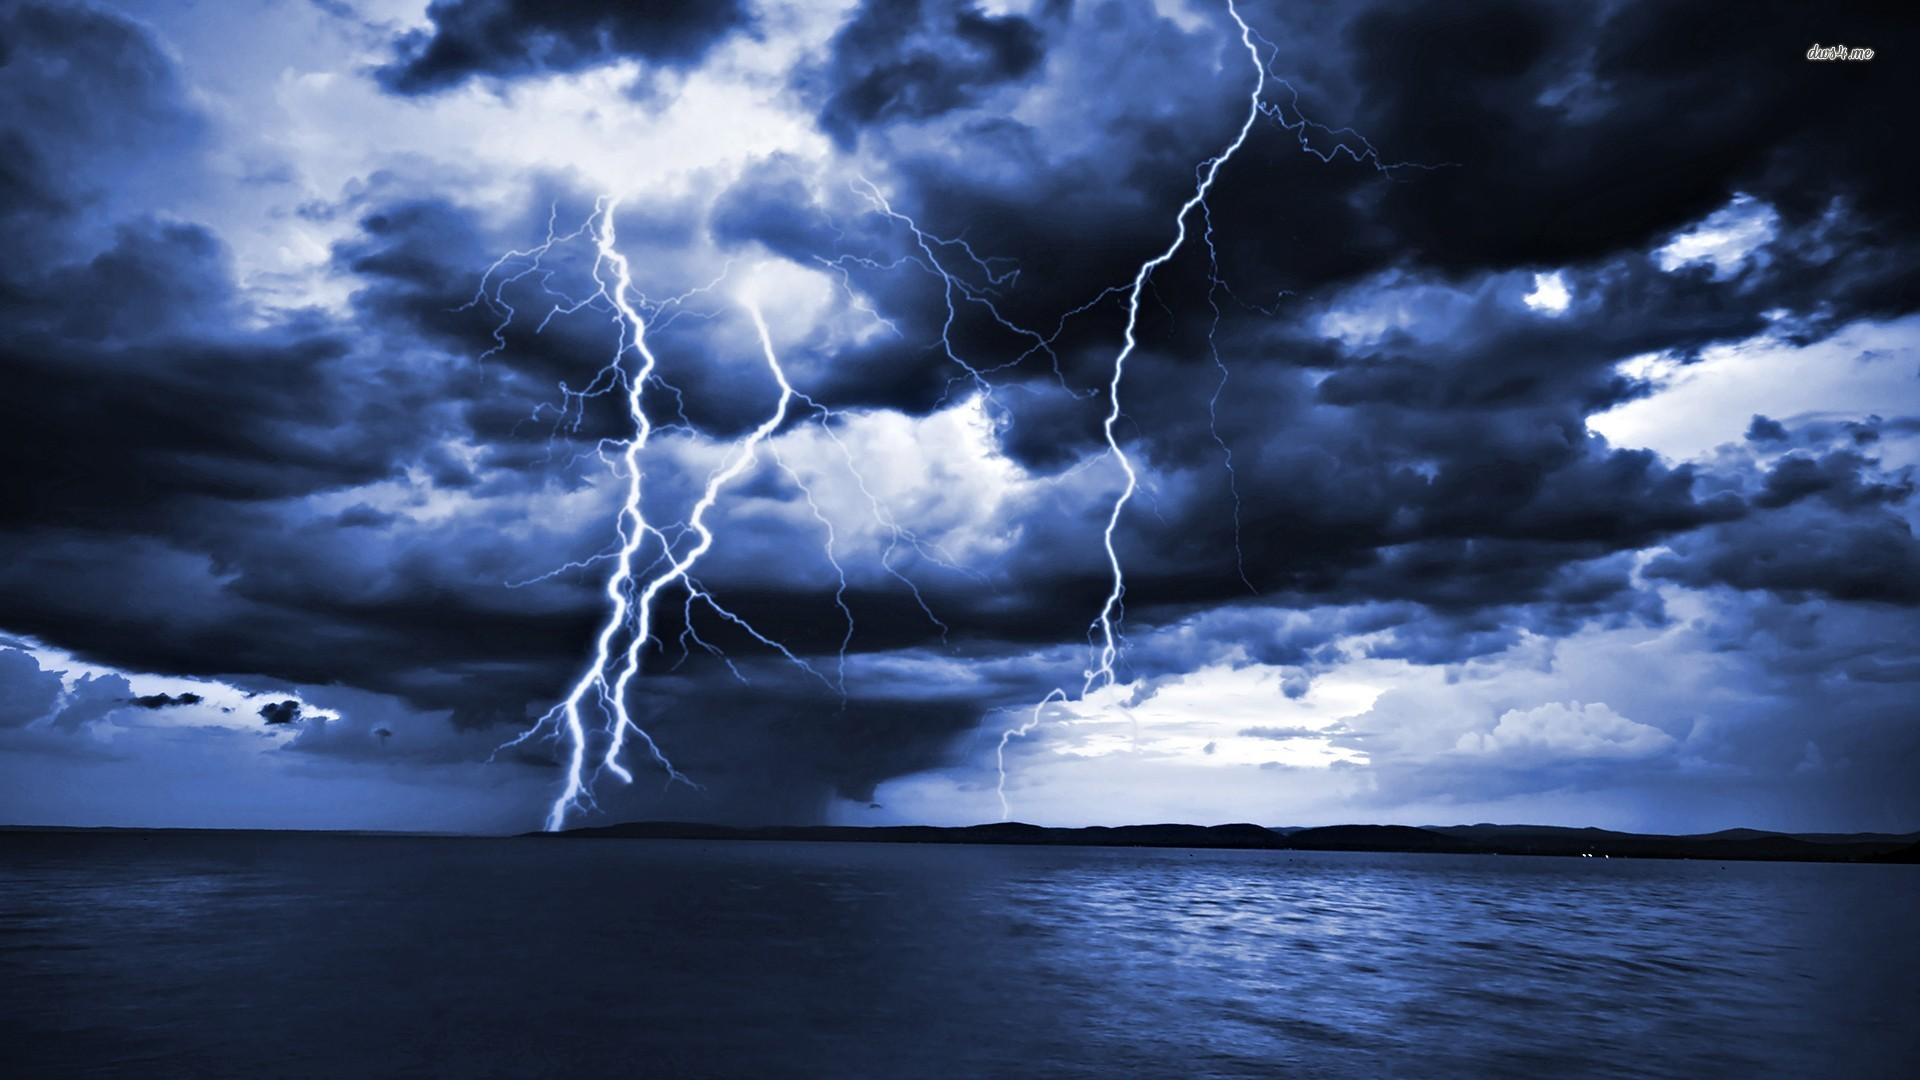 Wind Nature Vs Lighting Nature